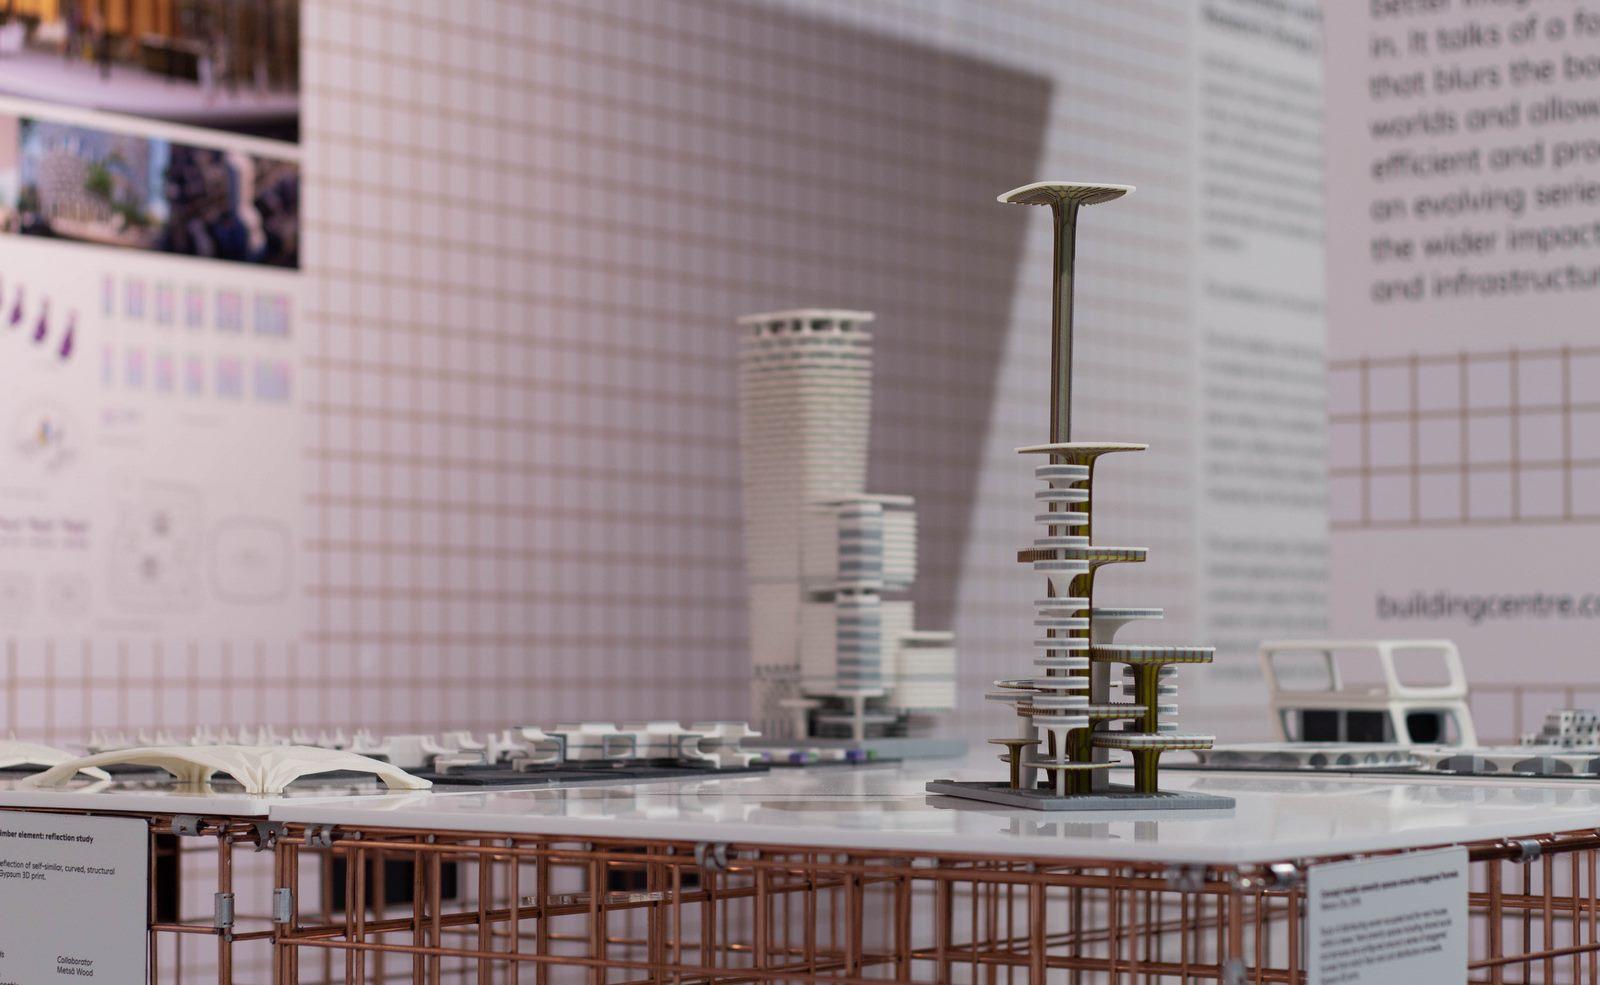 10_Concept Model_ Digital Turn_The Building Centre_-¬Chris Jackson (Copiar)